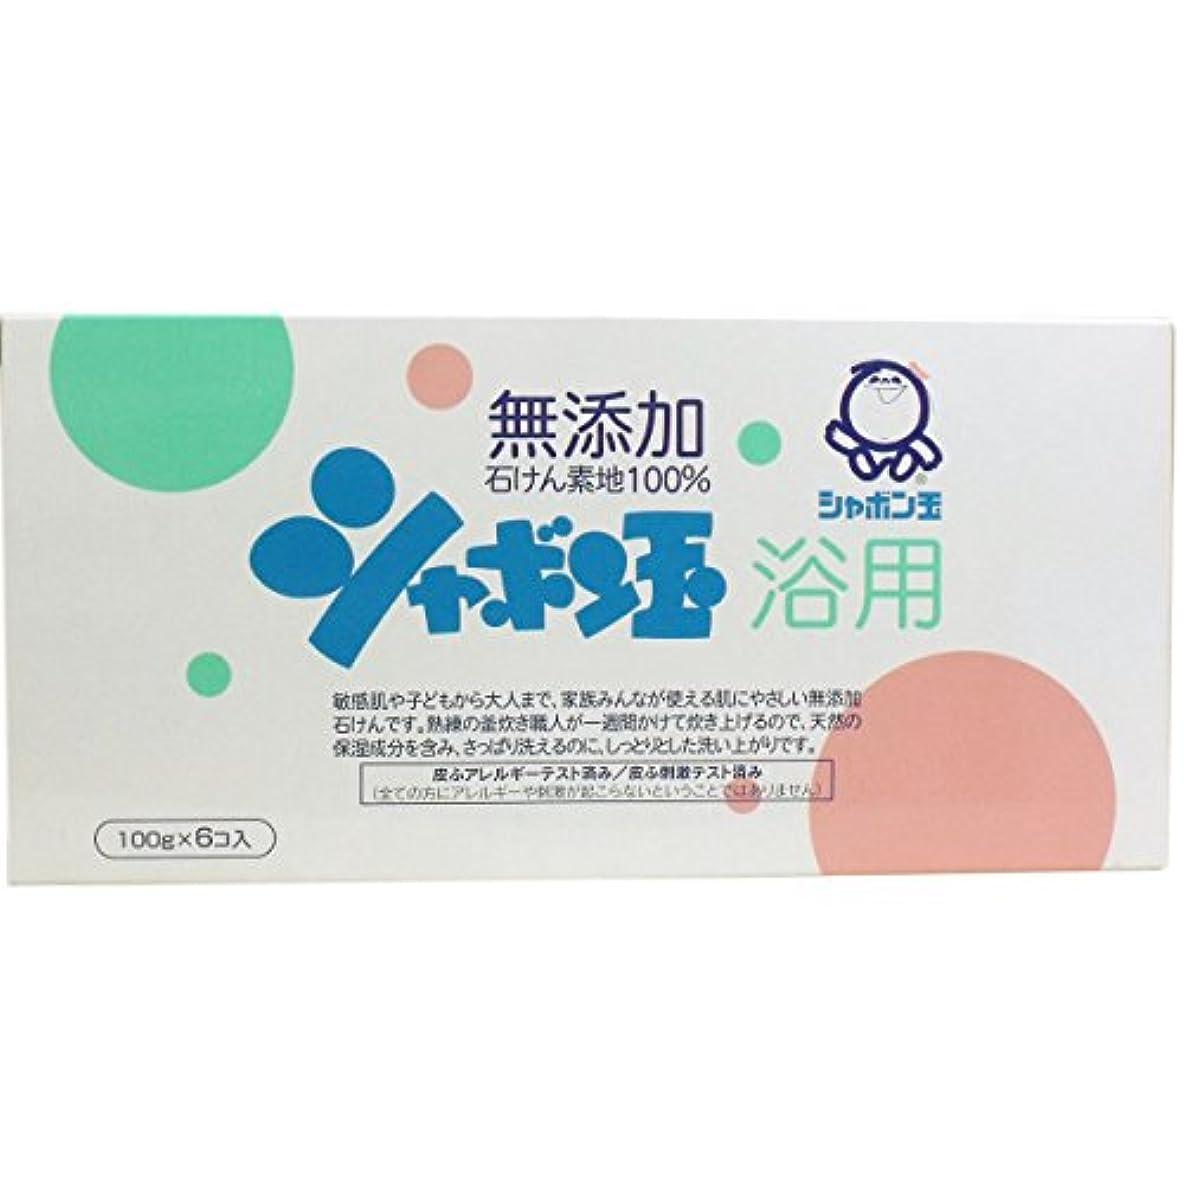 保守的占める手【セット品】化粧石けんシャボン玉浴用 6P 100G×3セット